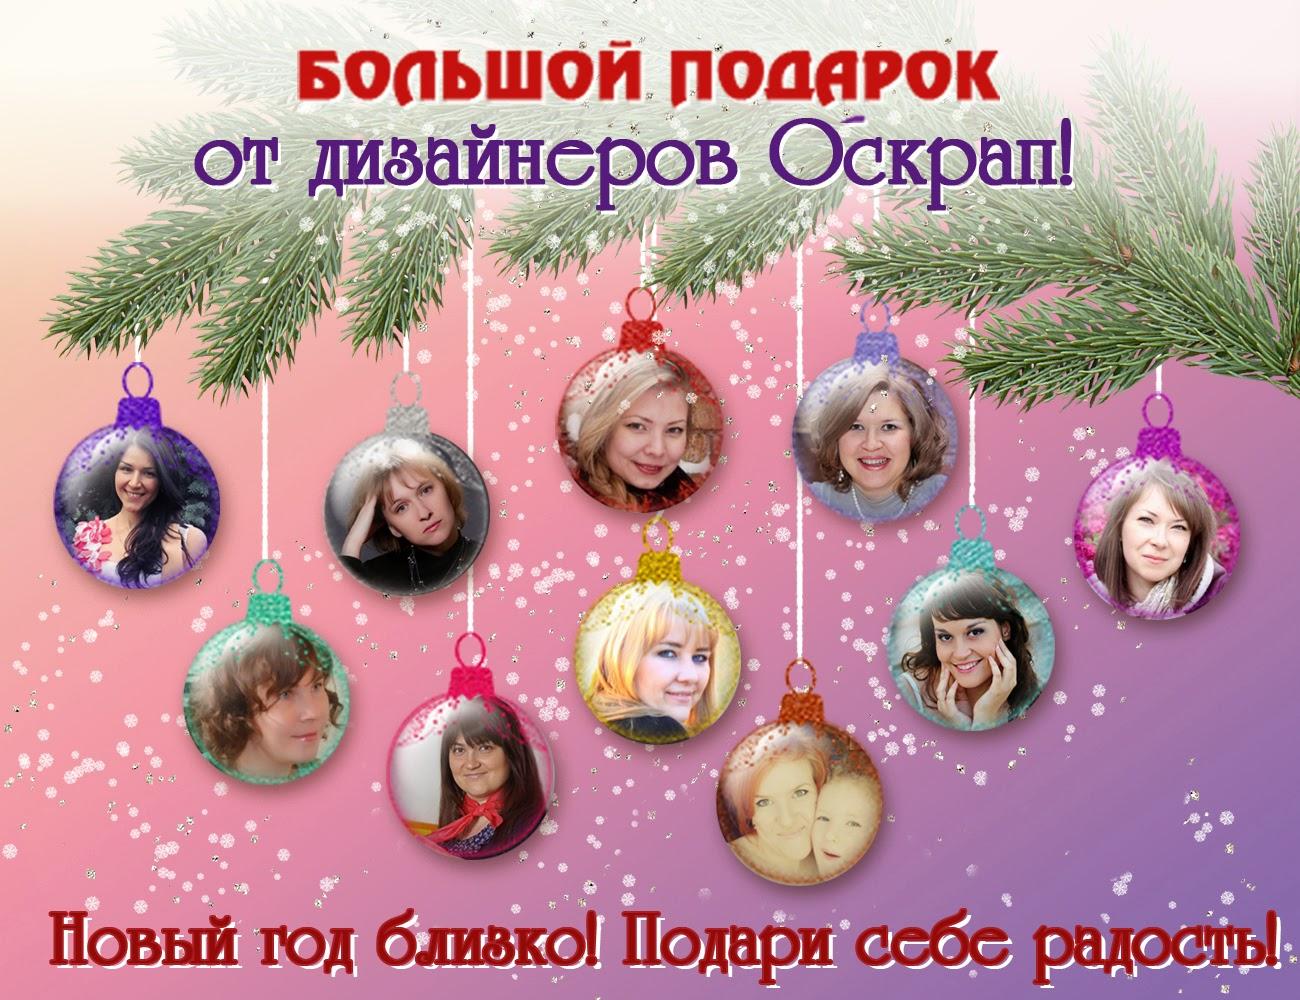 новогодний подарок в Оскрап